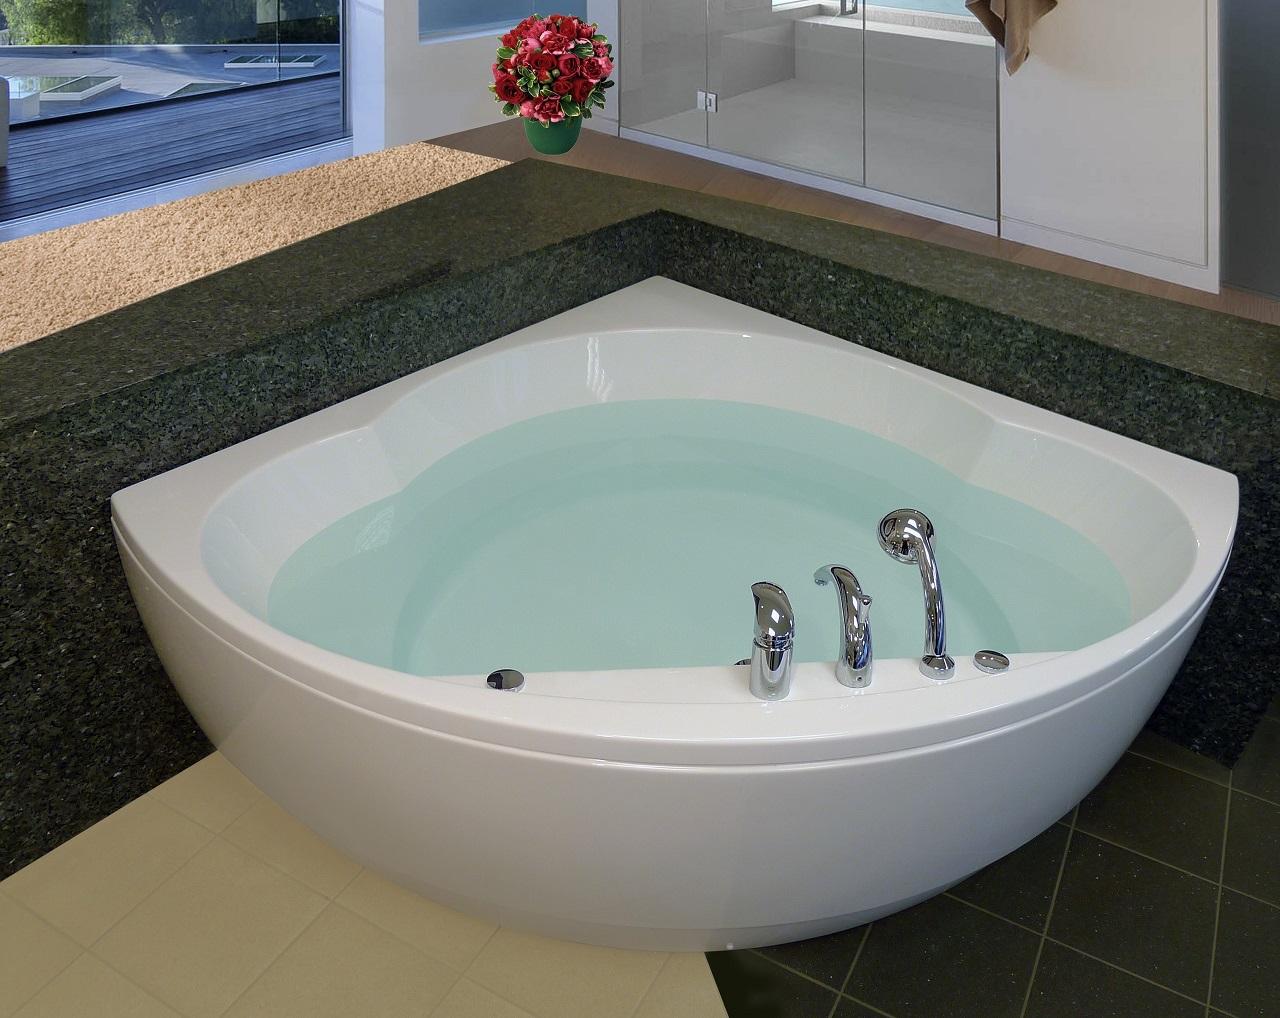 Vasche Da Bagno Ad Angolo Dimensioni : Vasca da bagno angolare misure minime vasche piccole dalle